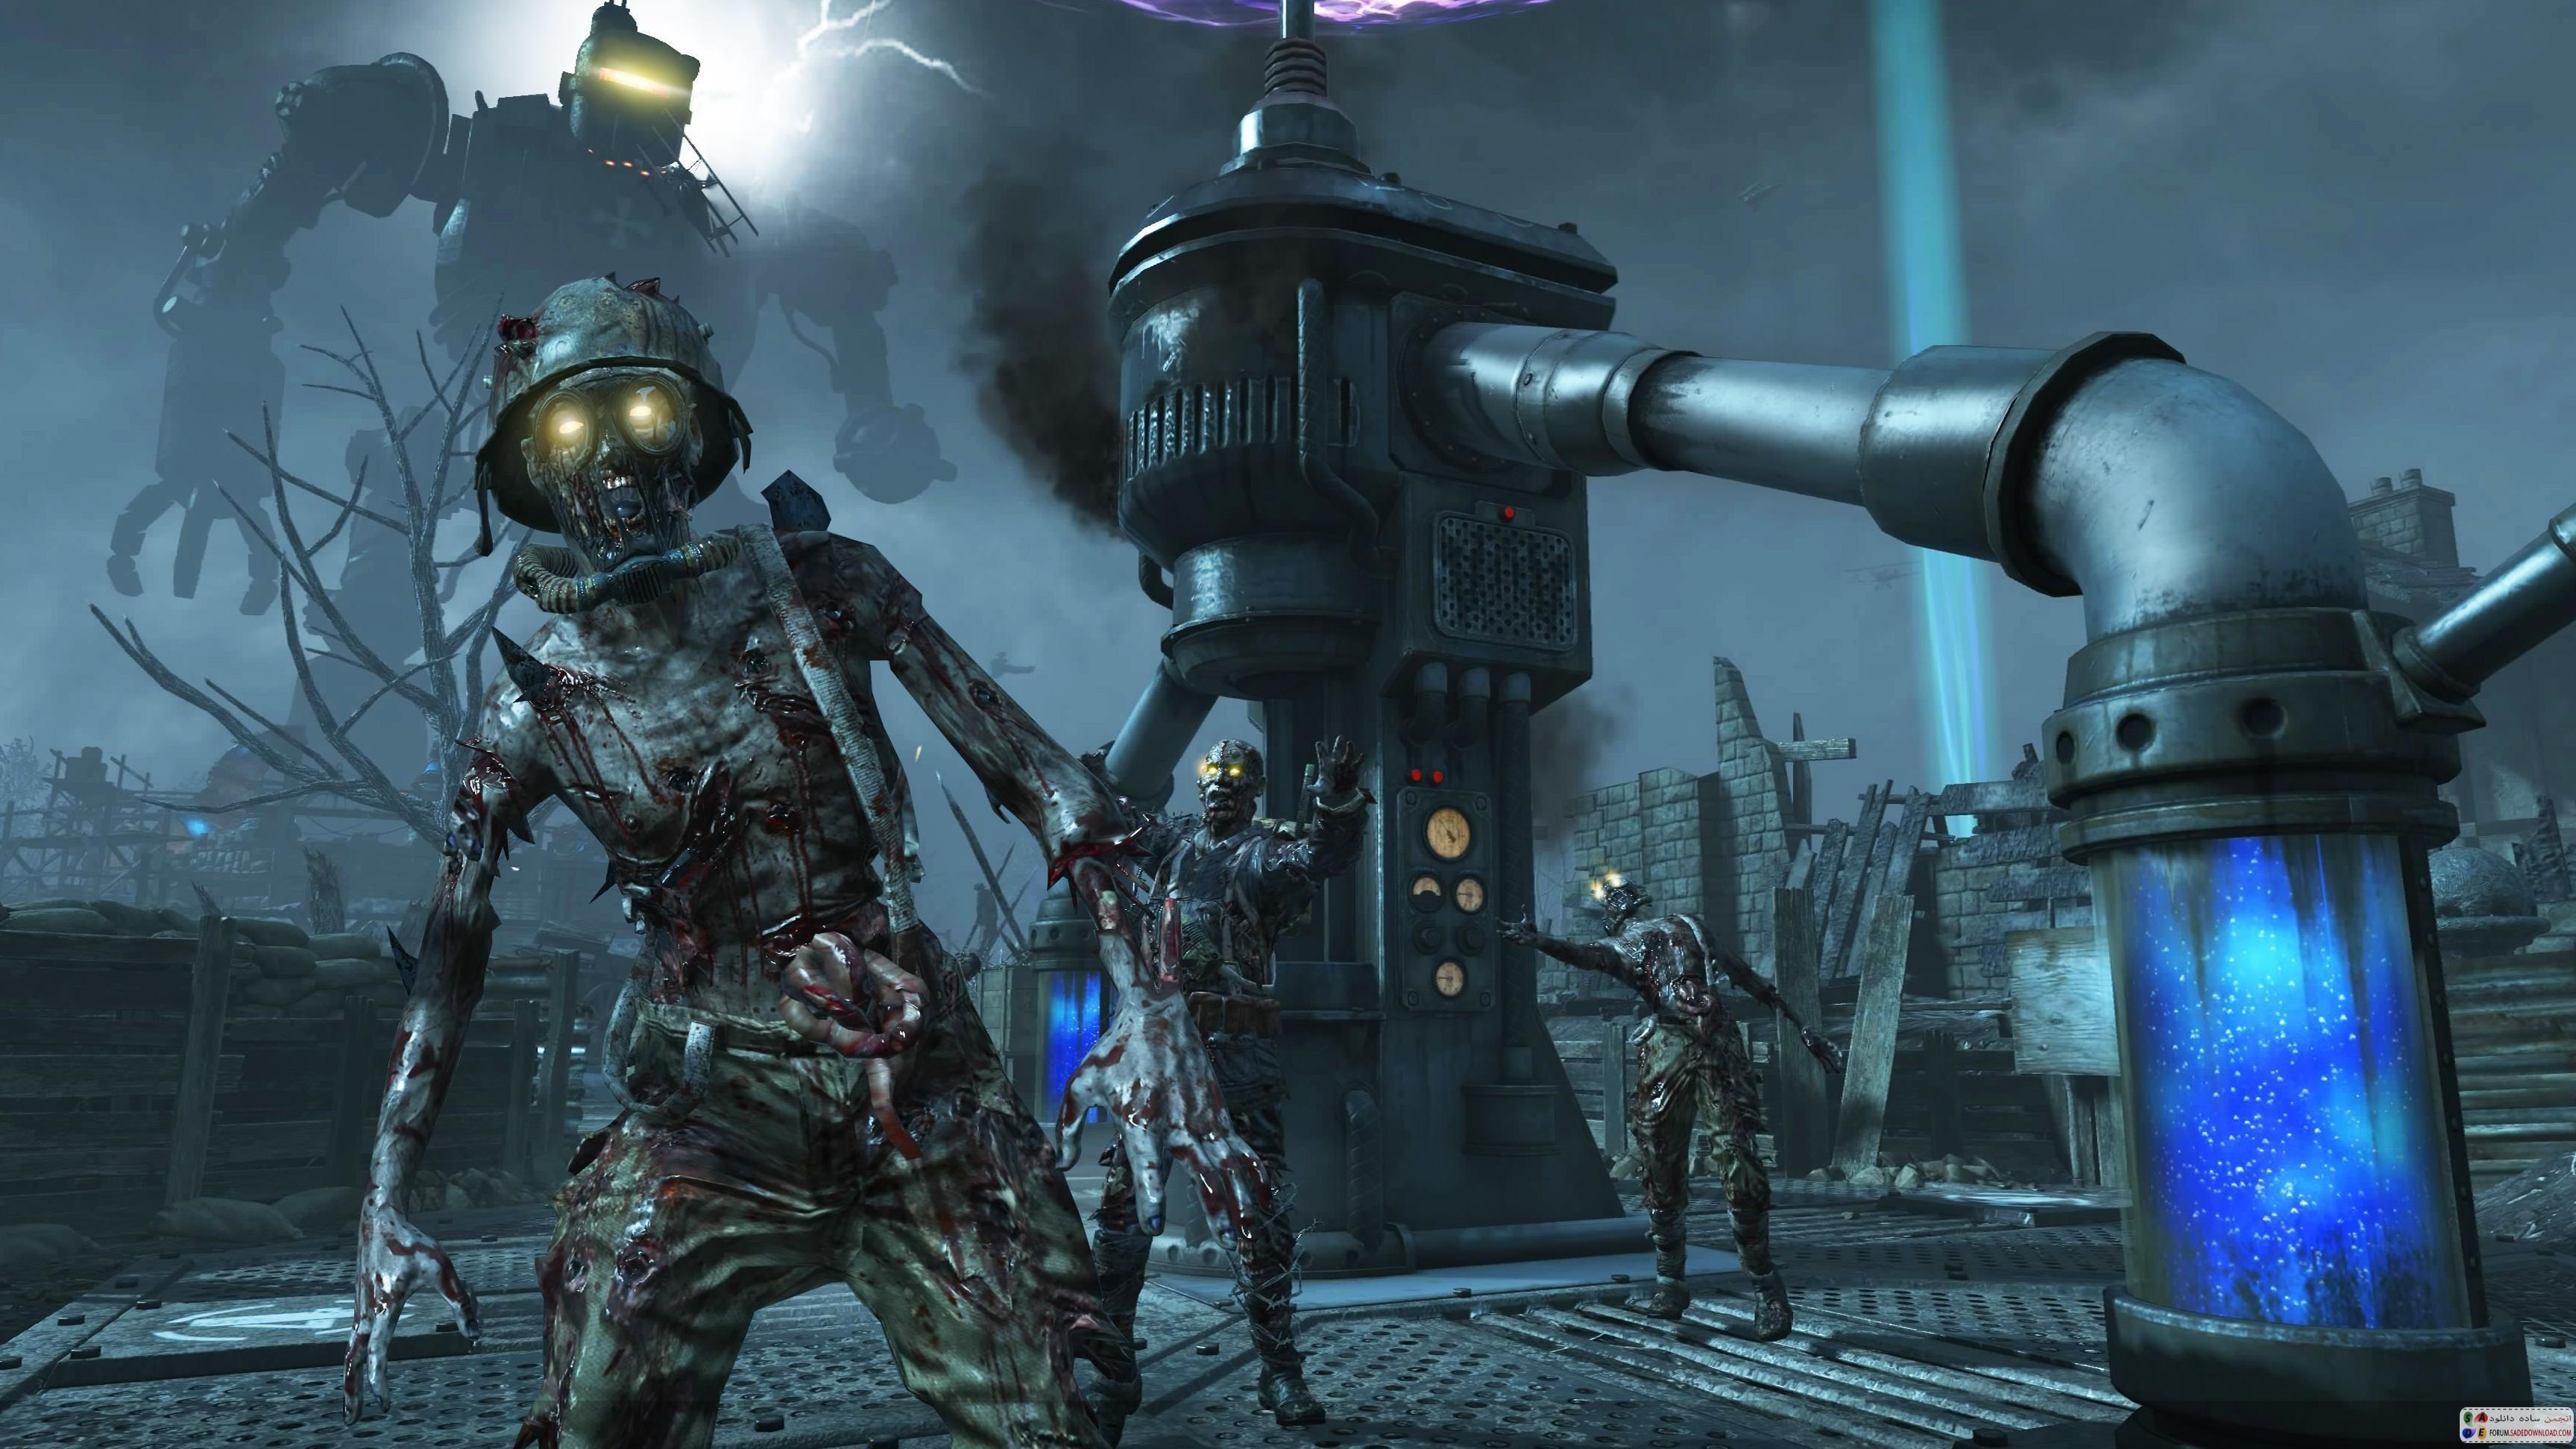 Download Black Ops 2 Zombies Origins Wallpaper Gallery